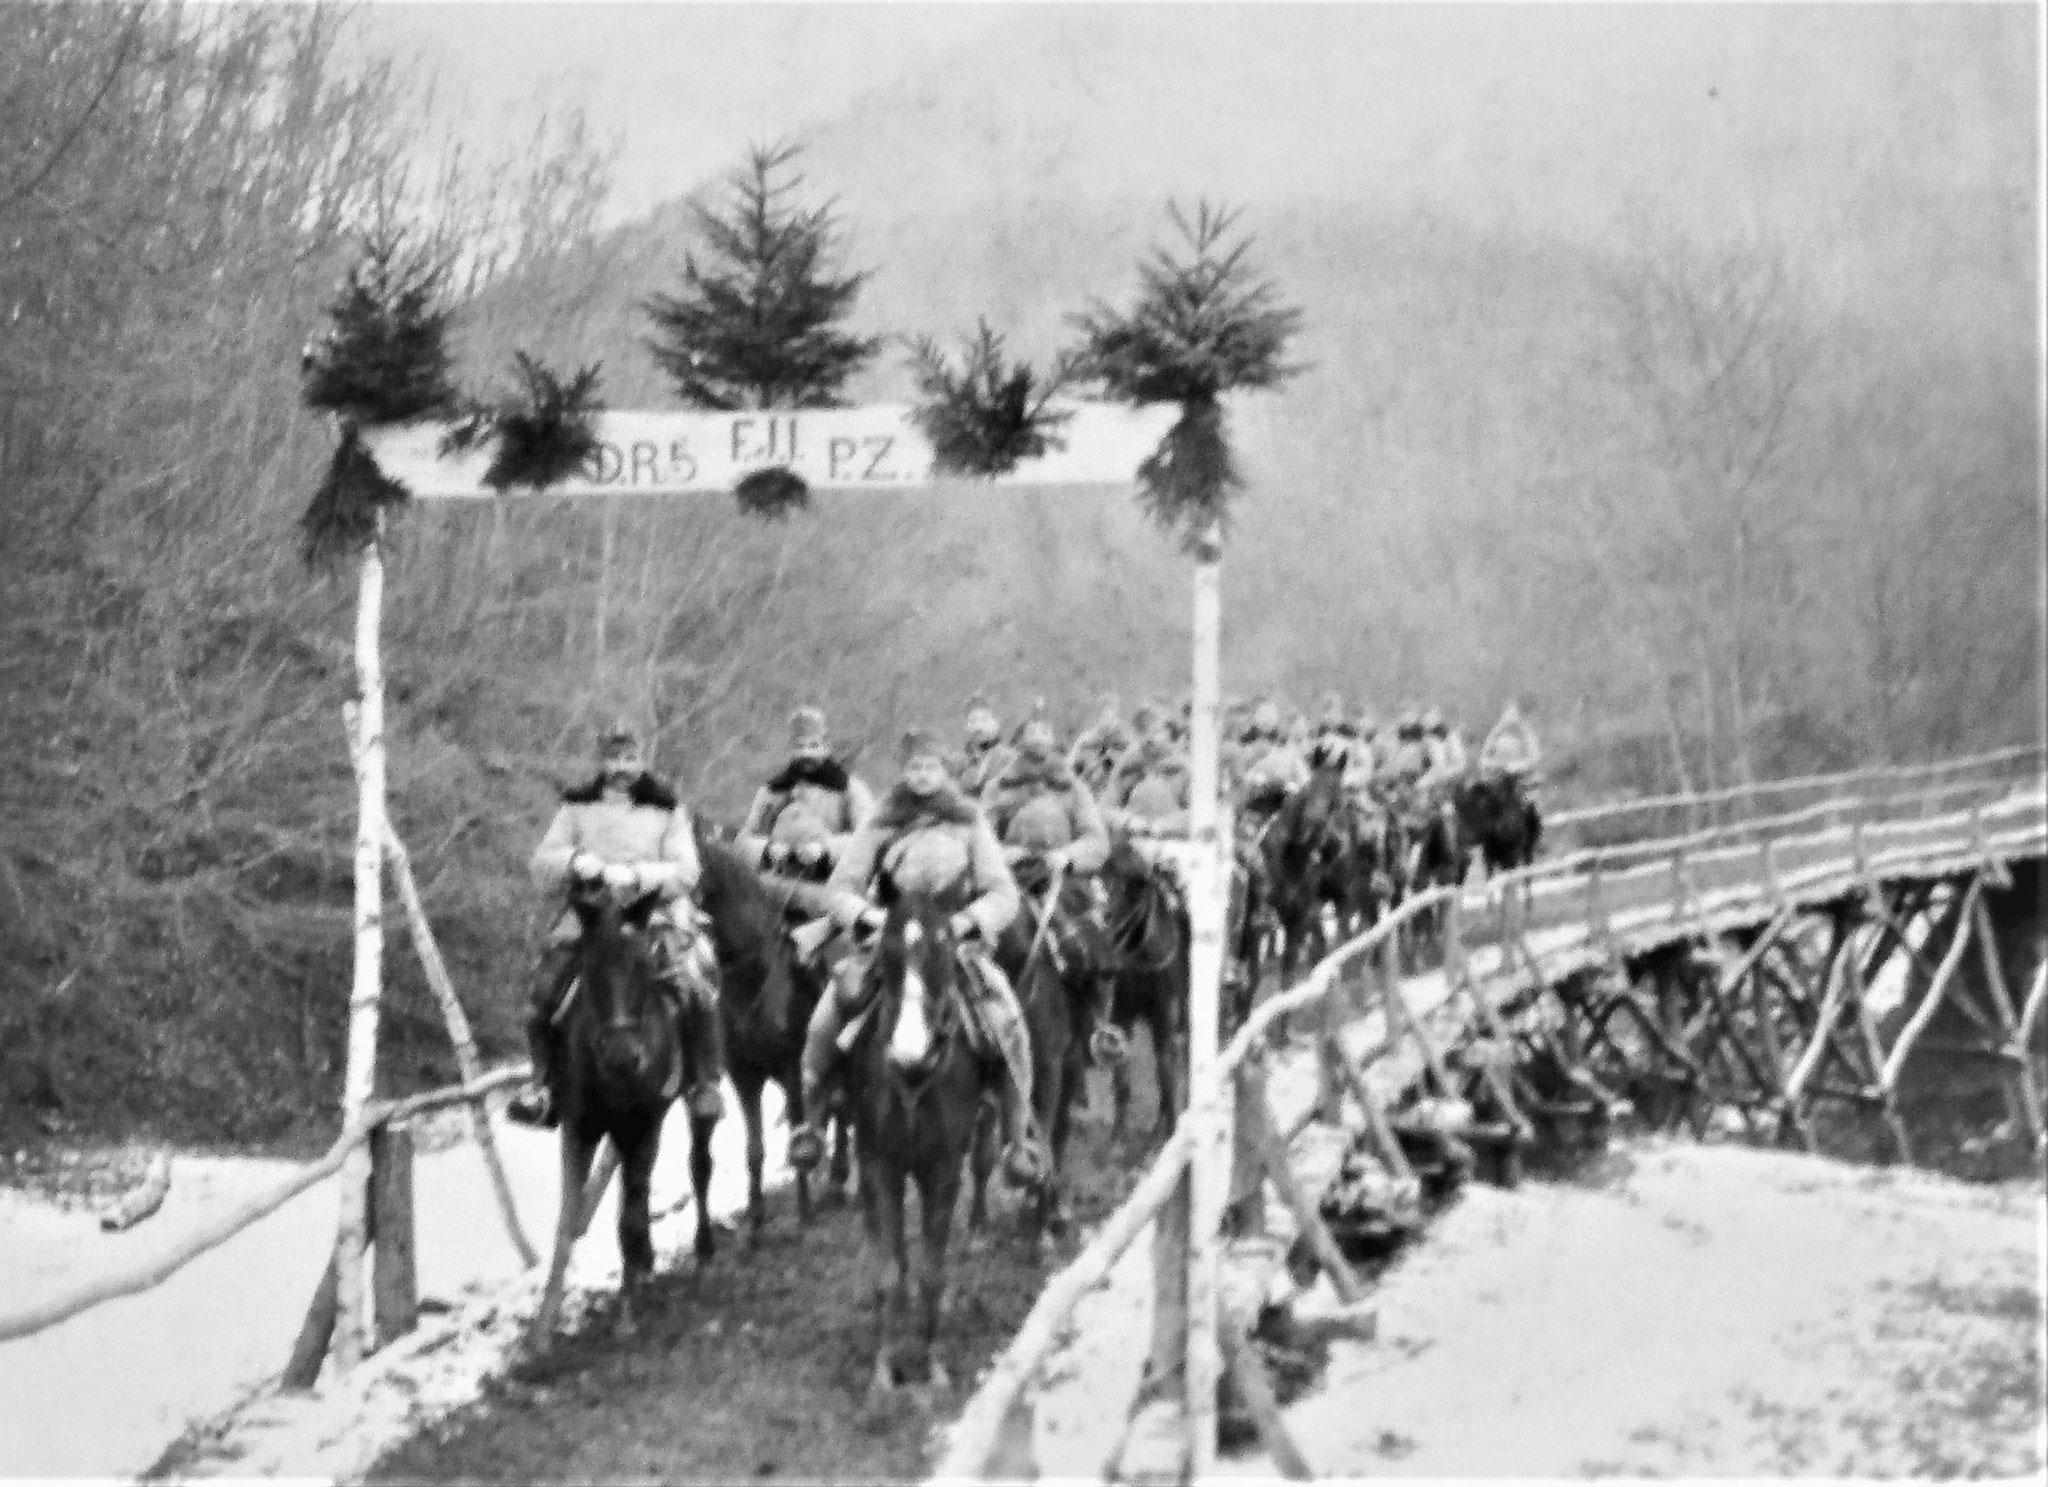 Dieselbe fertig; stehend: der 3. Zug der 3. Eskadron; vorne links Zgfr Fauland.